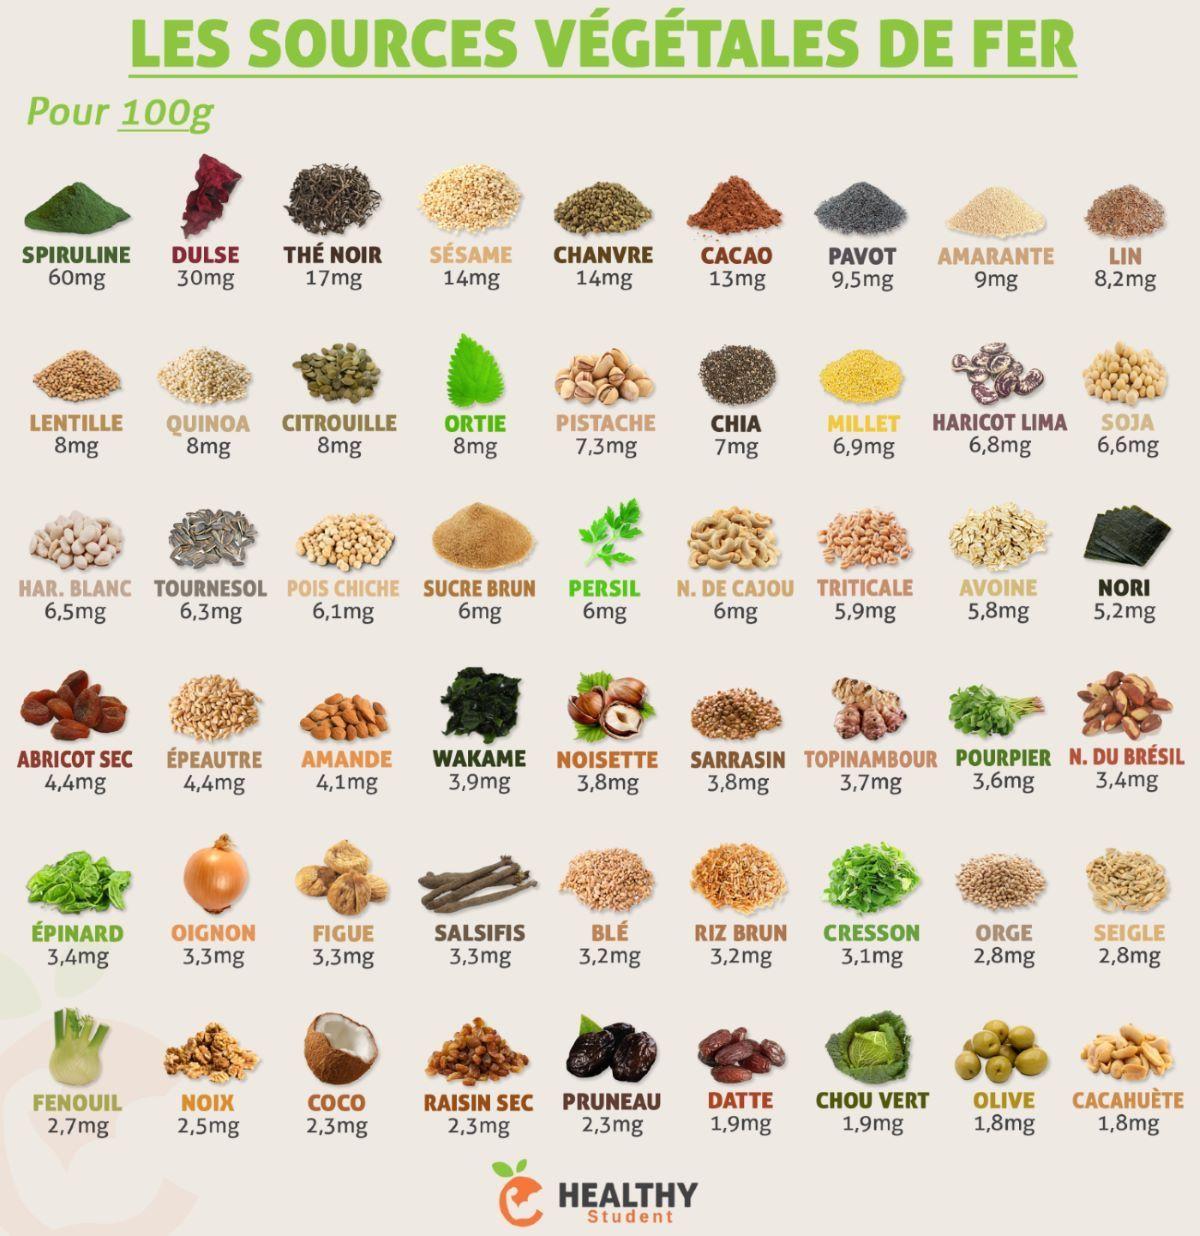 Aliments riches en fer bien tre et diet pinterest aliments riches en fer aliment et - Produit riche en fer ...